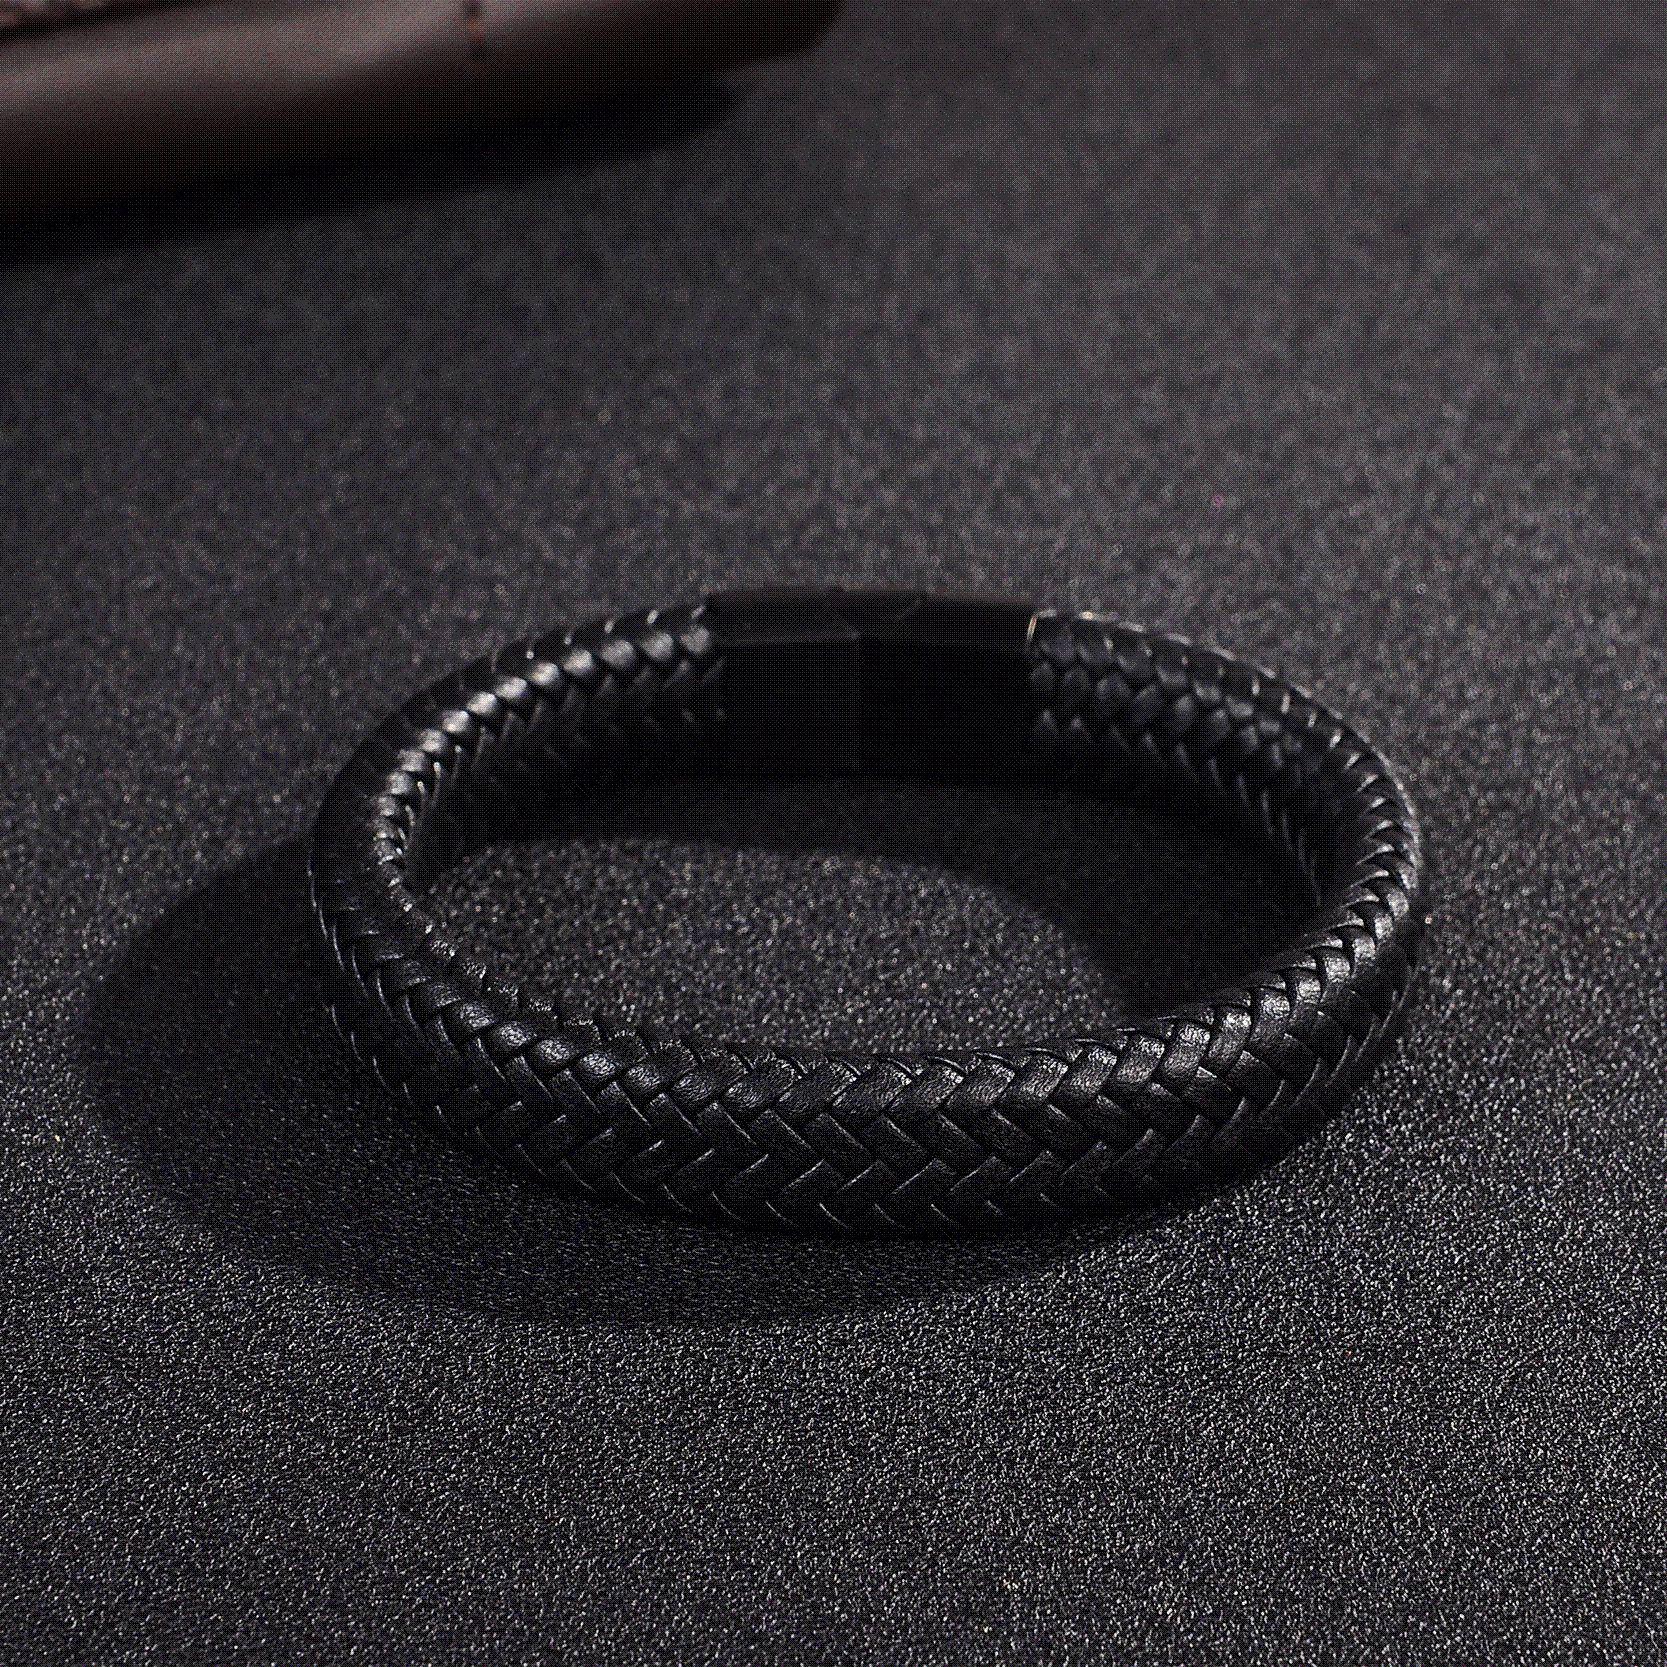 54cc2c5f10c7 Compre Jiayiqi Punk Men Jewelry Negro   Marrón Pulsera De Cuero Trenzado Acero  Inoxidable Cierre Magnético Brazaletes De Moda 18.5   22   20.5cm Al Por ...